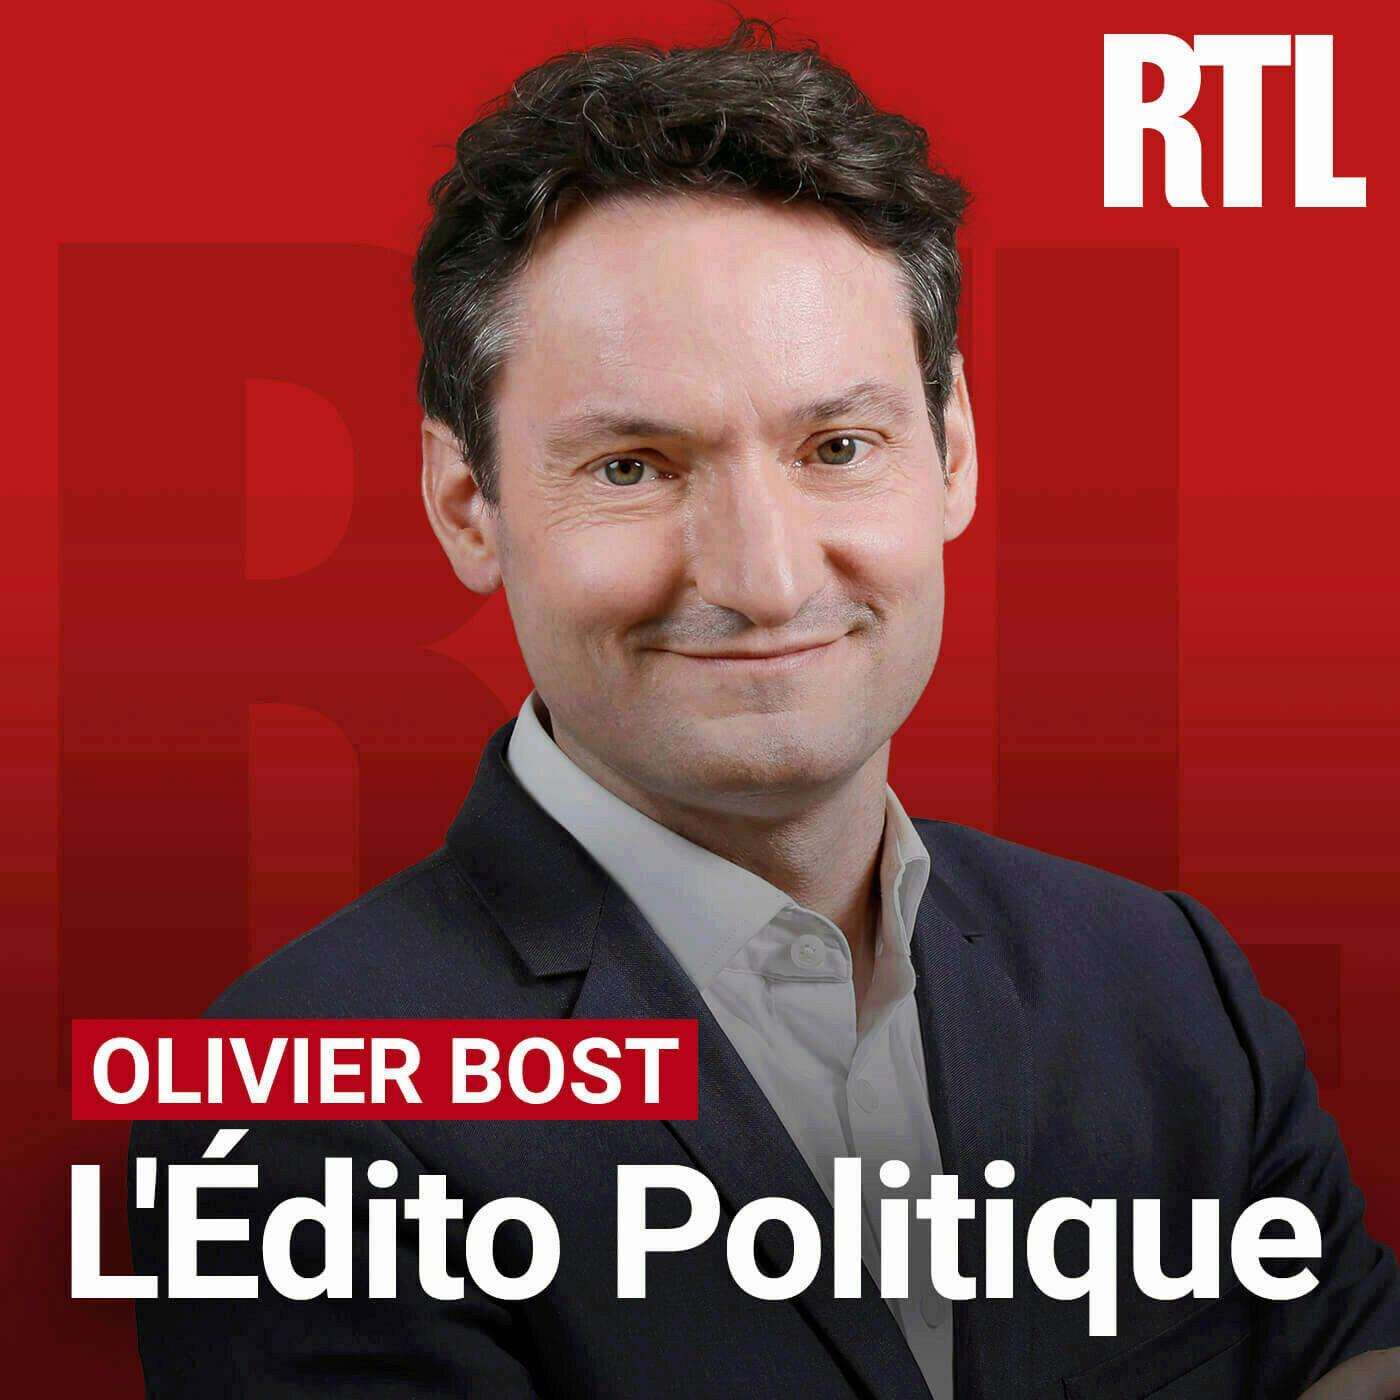 Image 1: L Edito Politique